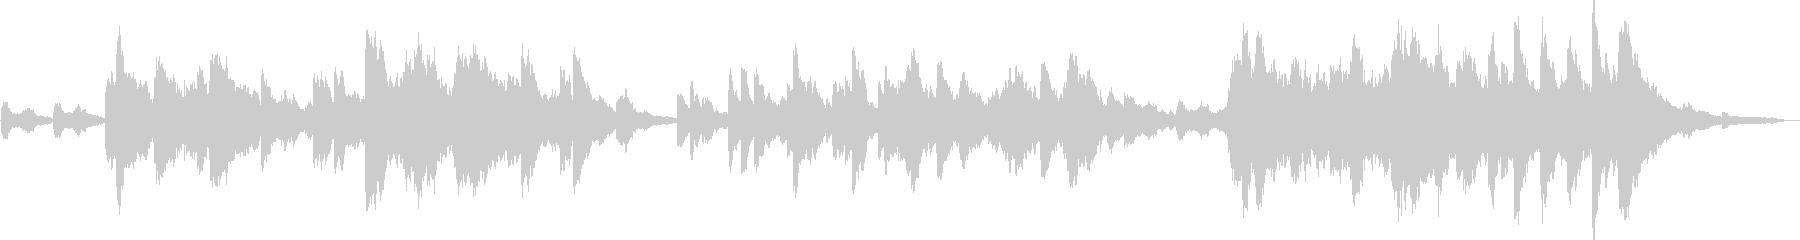 オルゴールとピアノによるヒーリングの未再生の波形